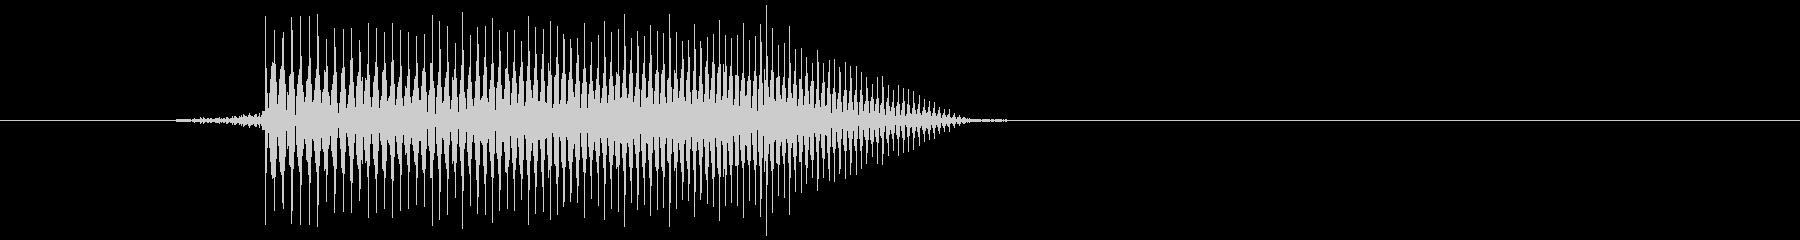 ゲーム(ファミコン風)パワーアップ音_…の未再生の波形